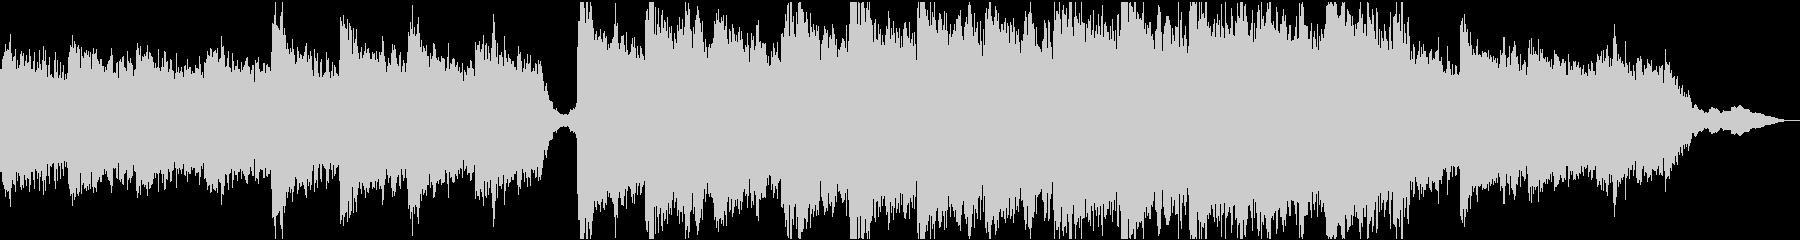 現代の交響曲 劇的な 厳Sol ピ...の未再生の波形